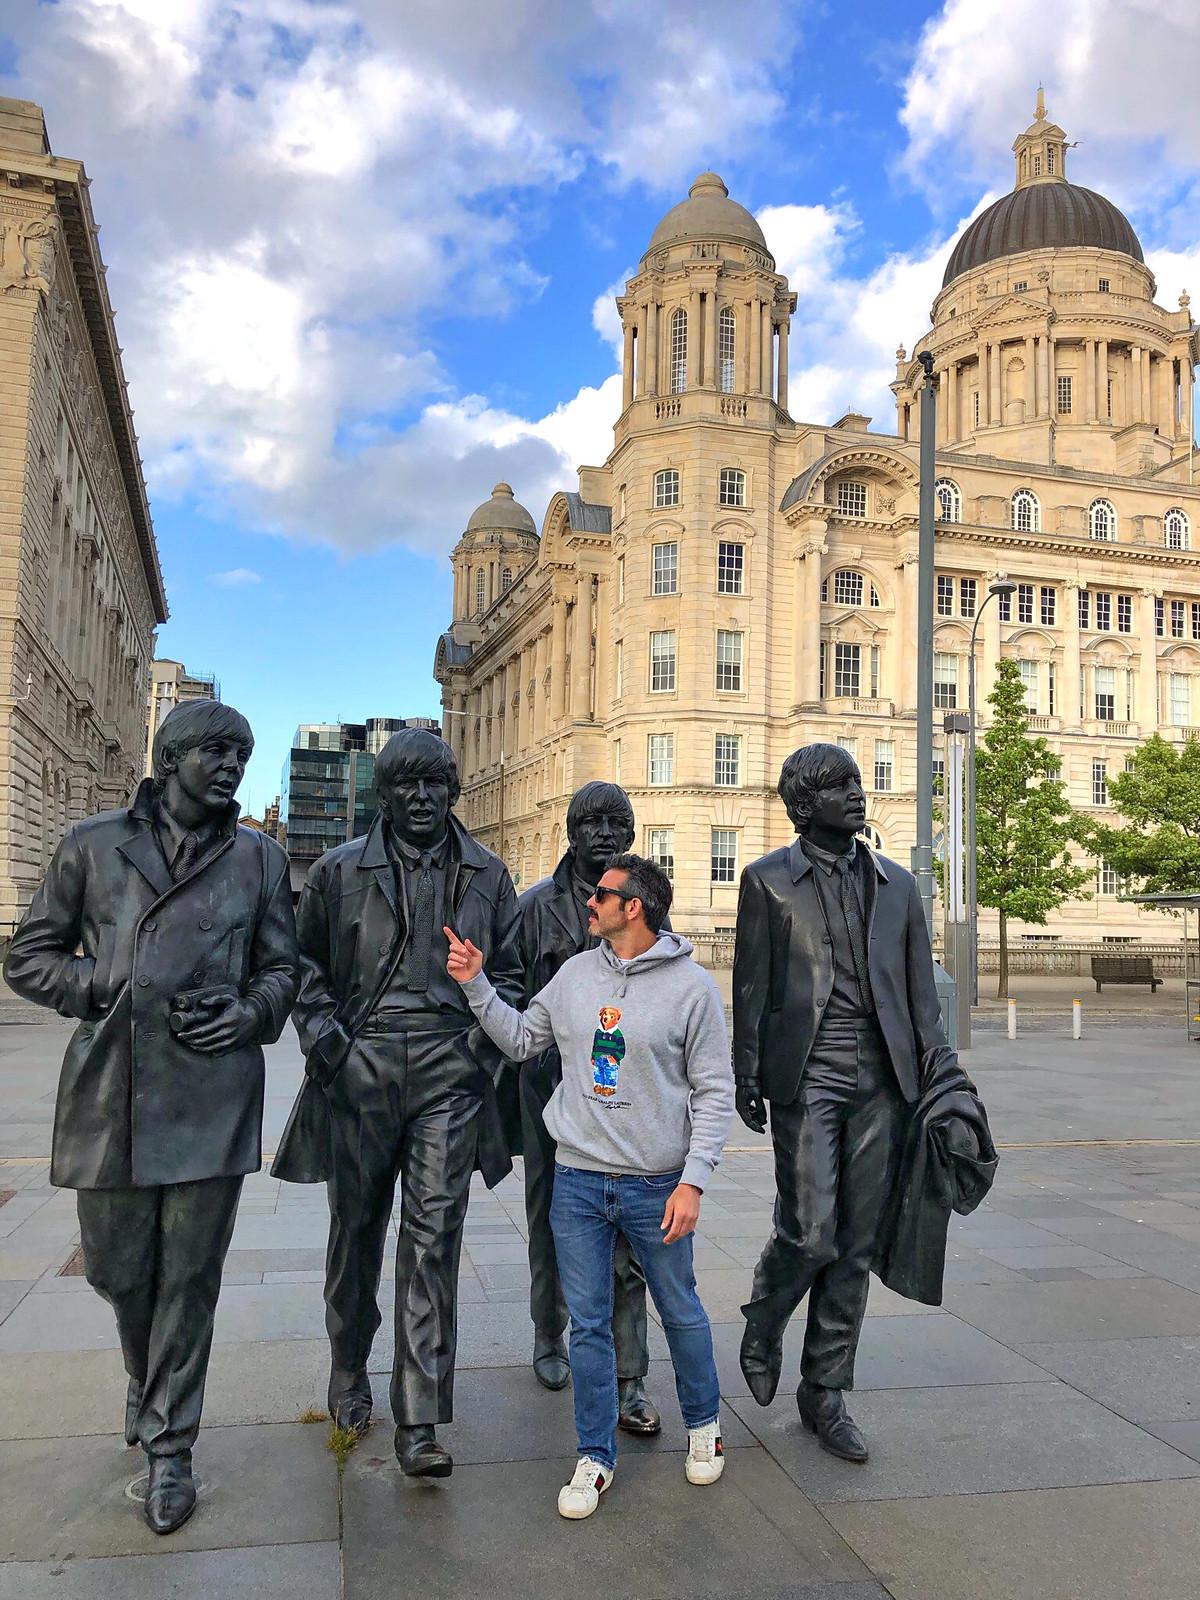 Maratón de Liverpool, Marathon maratón de liverpool - 48687606451 b86b73bc72 h - Maratón de Liverpool: análisis, recorrido, entrenamiento y recomendaciones de viaje